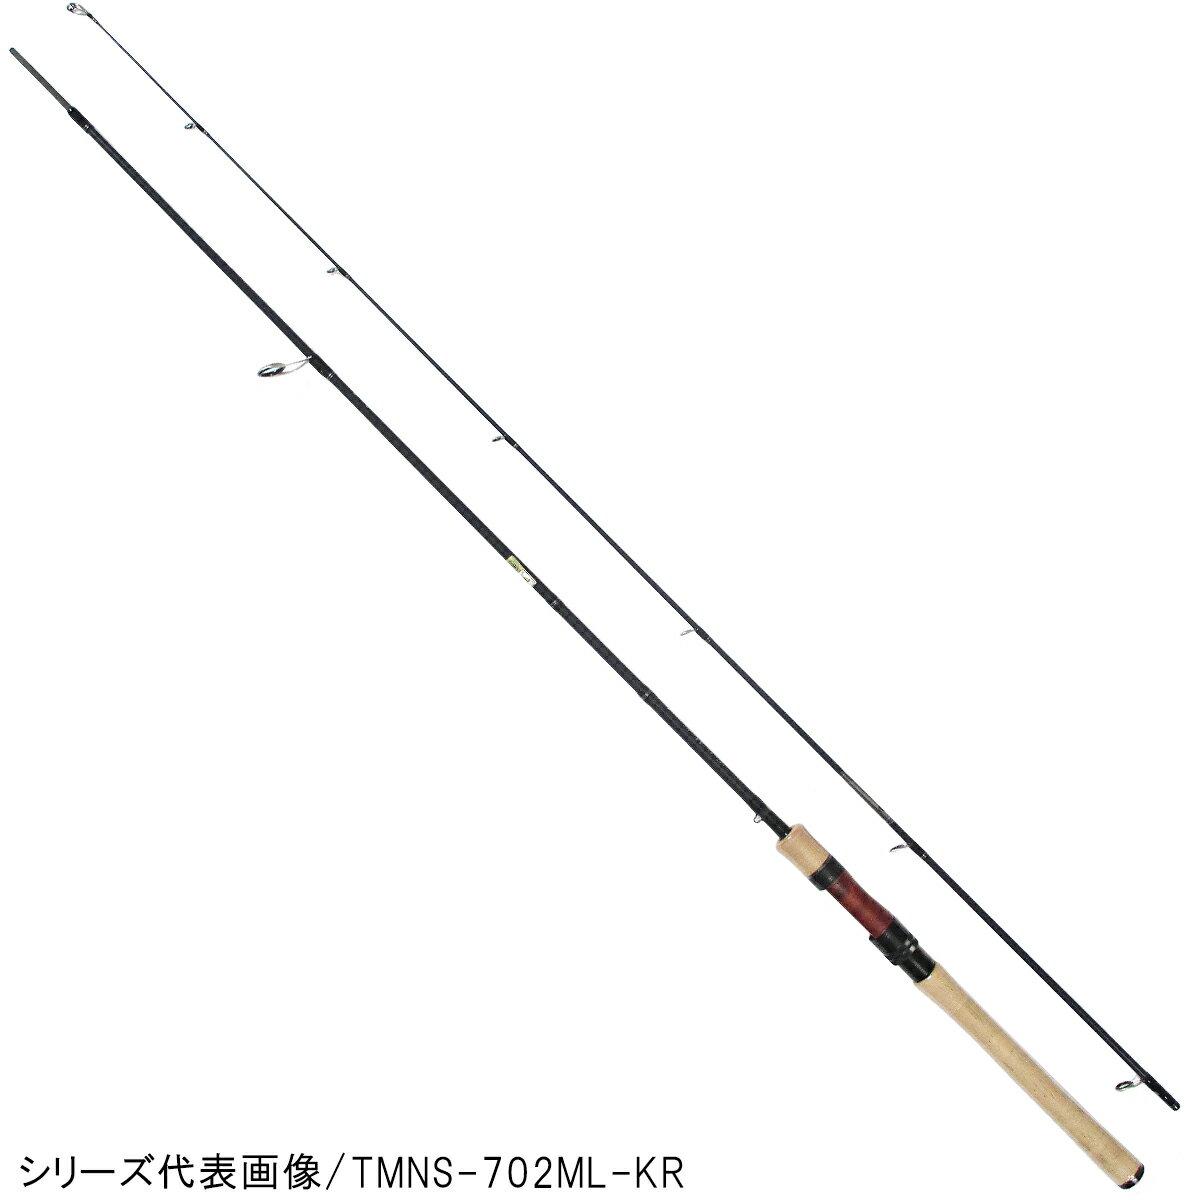 トラウティン マーキス ナノ TMNS-662L-KR【送料無料】